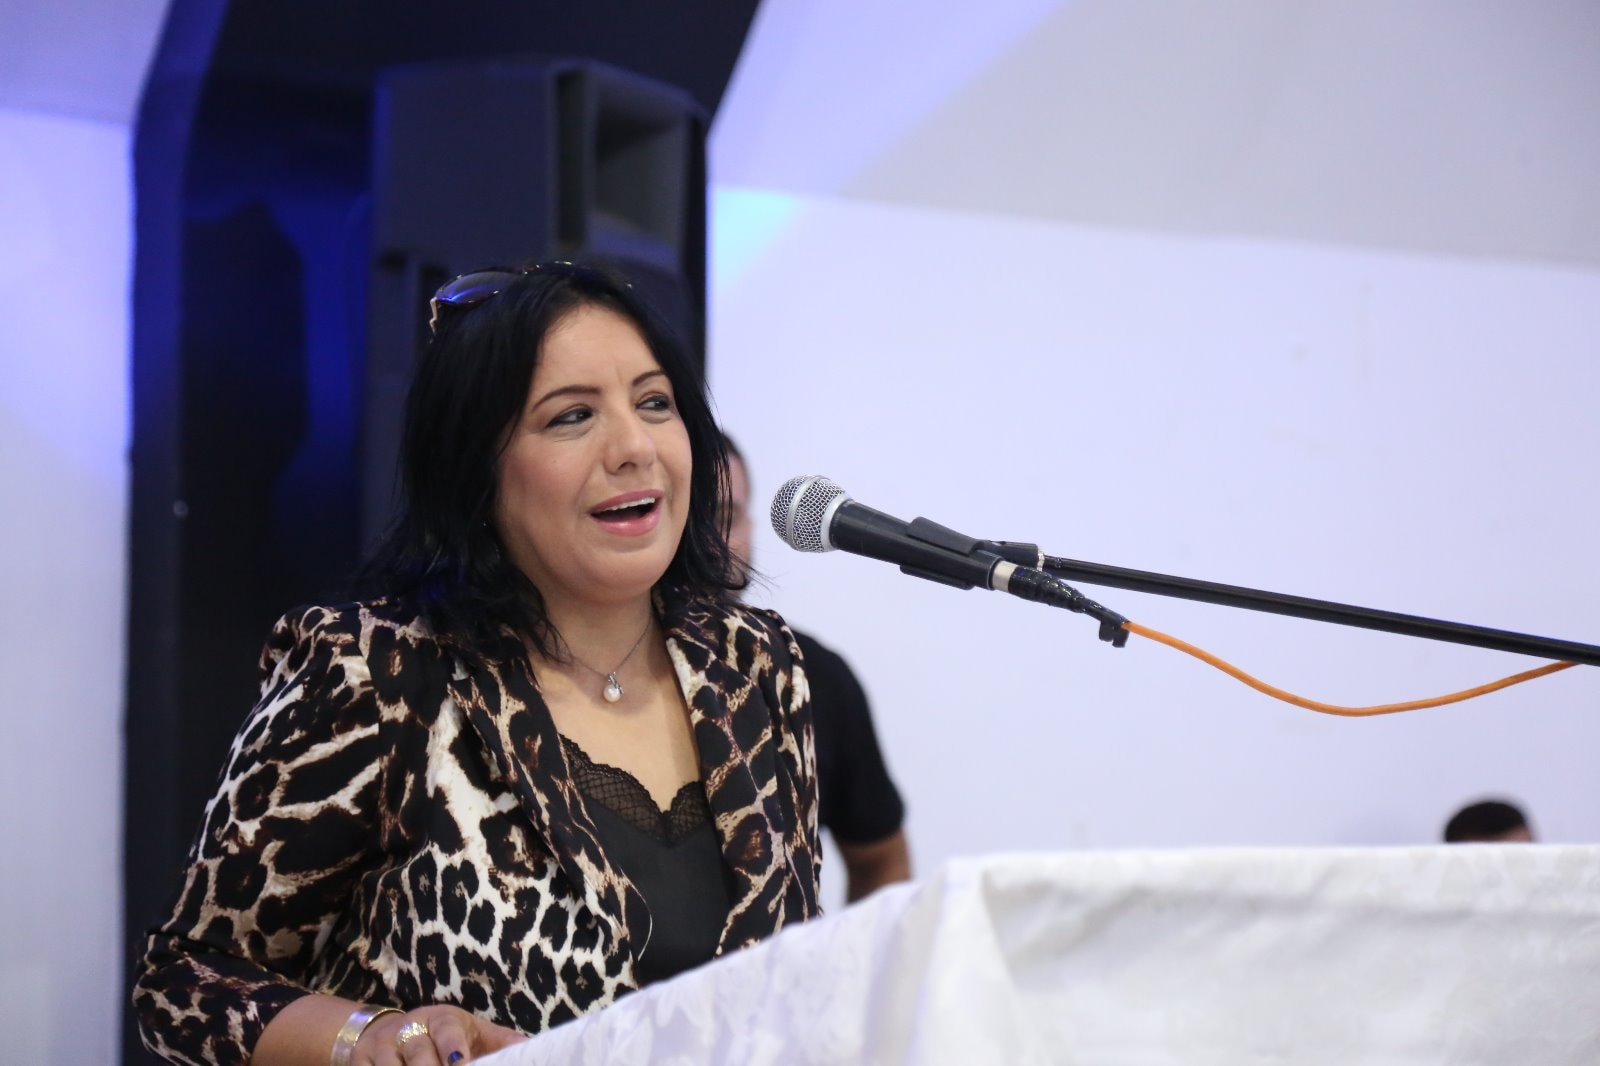 السيدة ابتسام احمد علي تقدم 3 جوائز نقدية خلال حفل تخريج الفوج الثاني والثلاثين